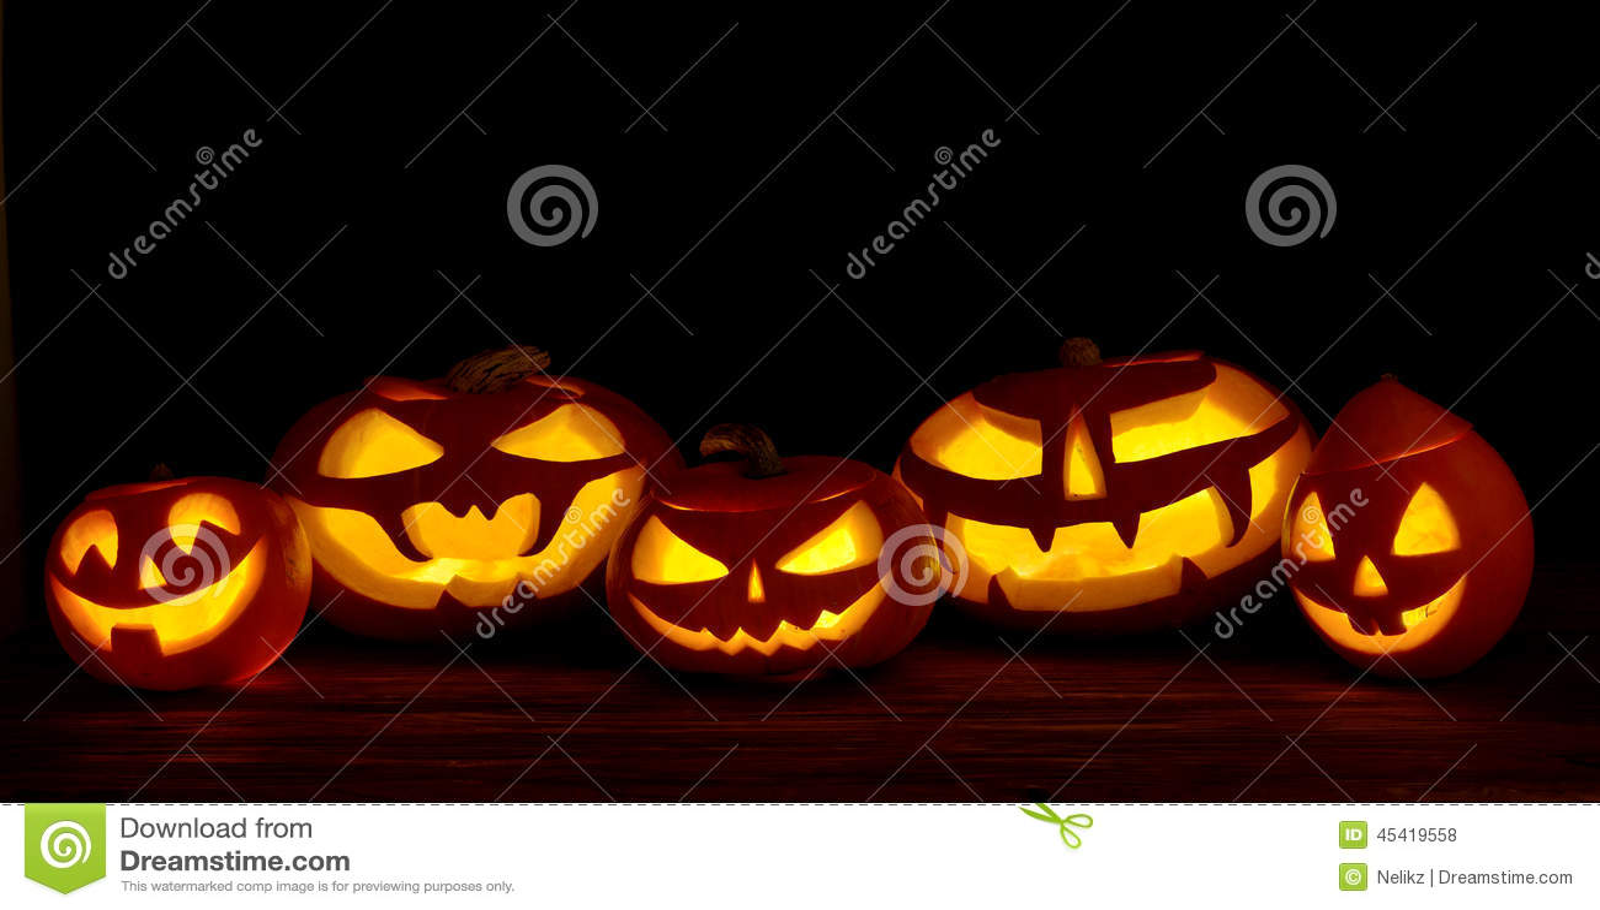 Zucca Di Halloween Paurose.Presa O Lanterna Spaventosa Delle Zucche Di Halloween Fotografia